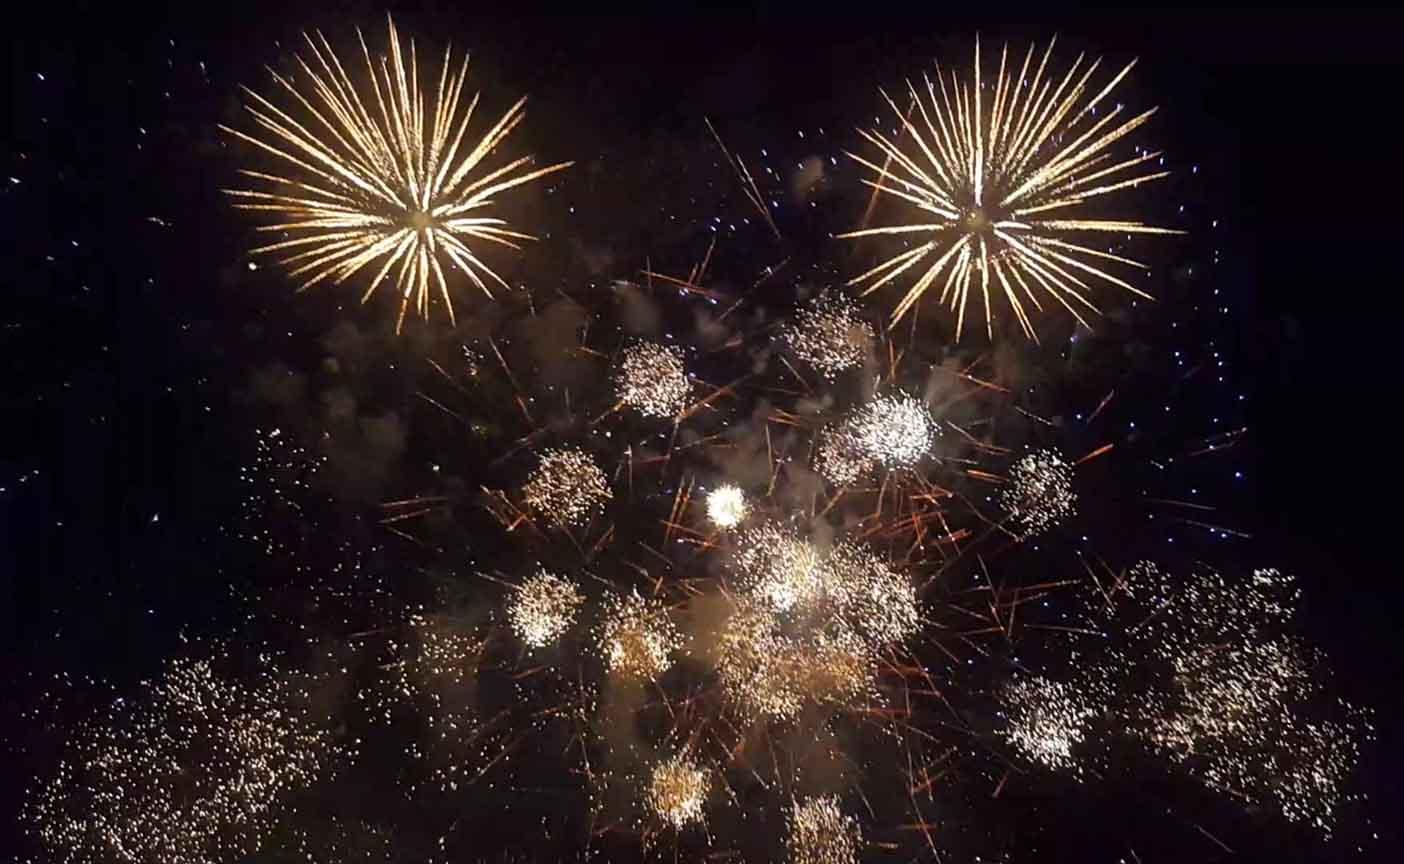 Hochzeits-Feuerwerk   Amann Feuerwerke